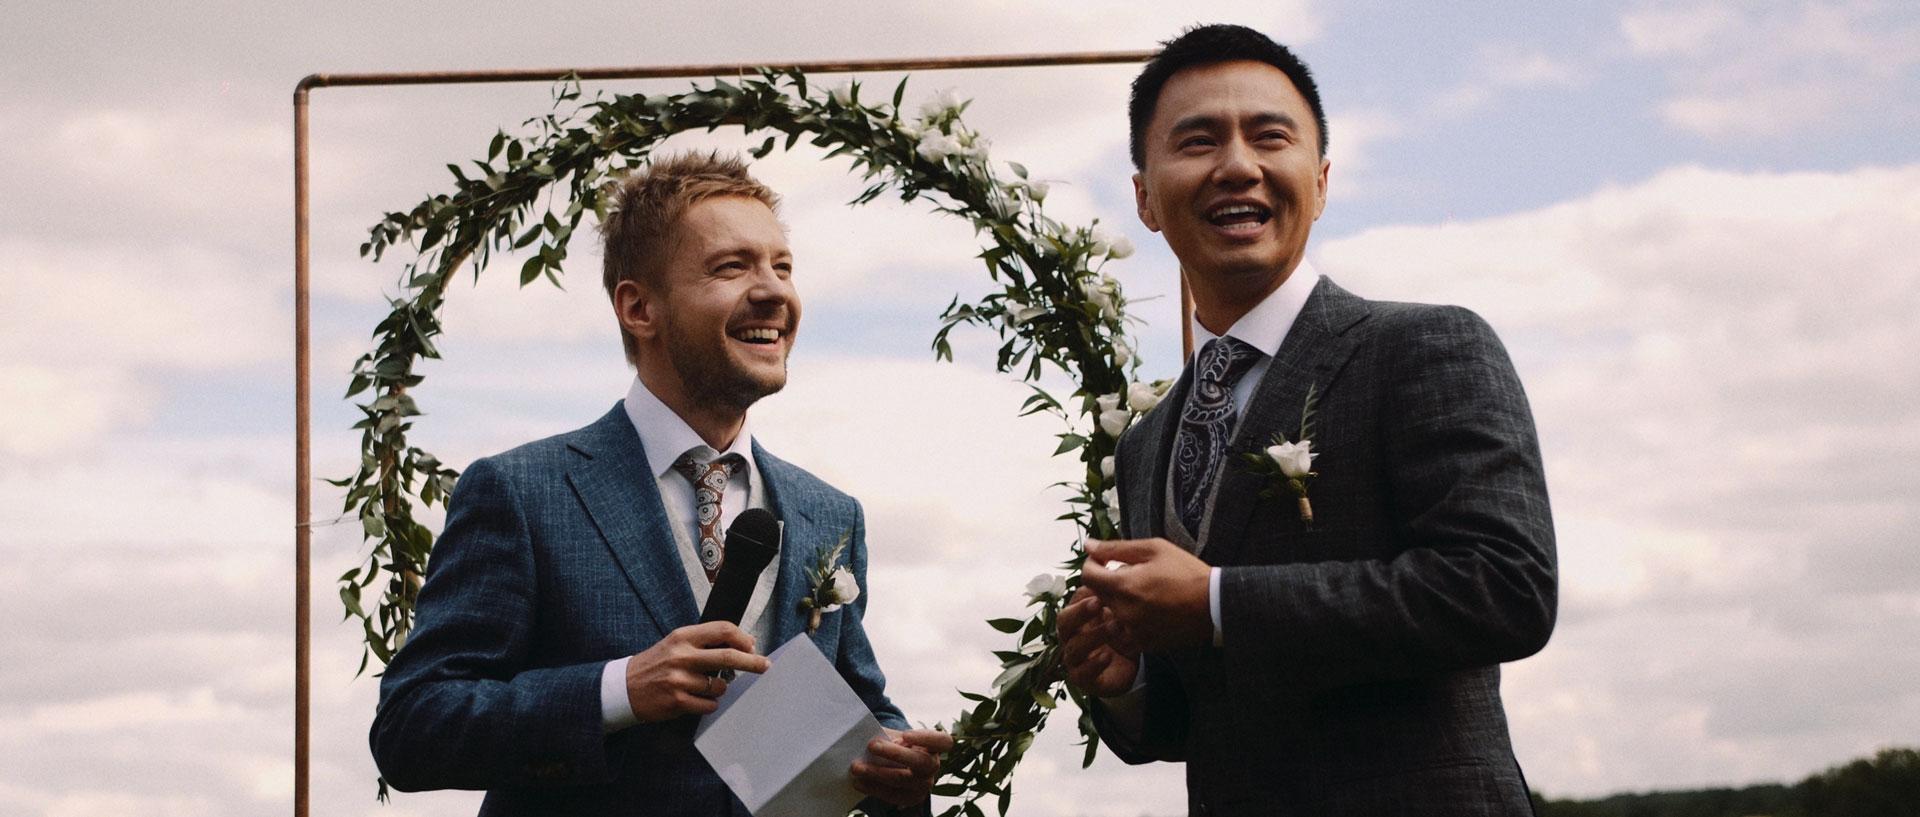 Sam-&-David---Wedding-Film.00_01_59_14.jpg